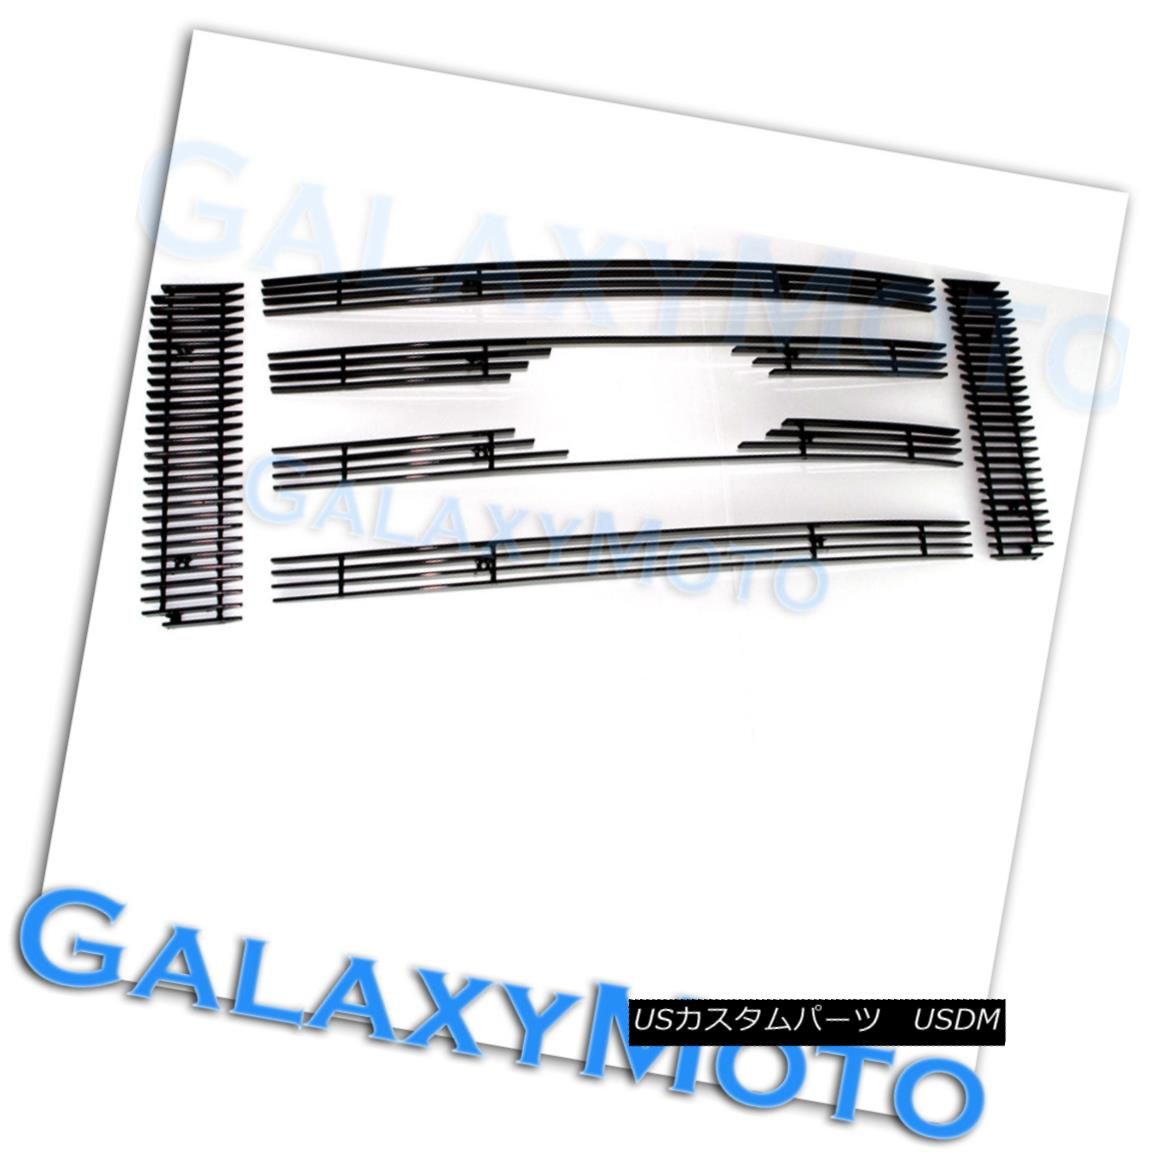 グリル 09-12 Ford F150 XL+XLT+SXT Aluminum Glossy Black 6pcs Billet Grille Overlay 09-12フォードF150 XL + XLT + SXTアルミグロッシーブラック6本ビレットグリルオーバーレイ